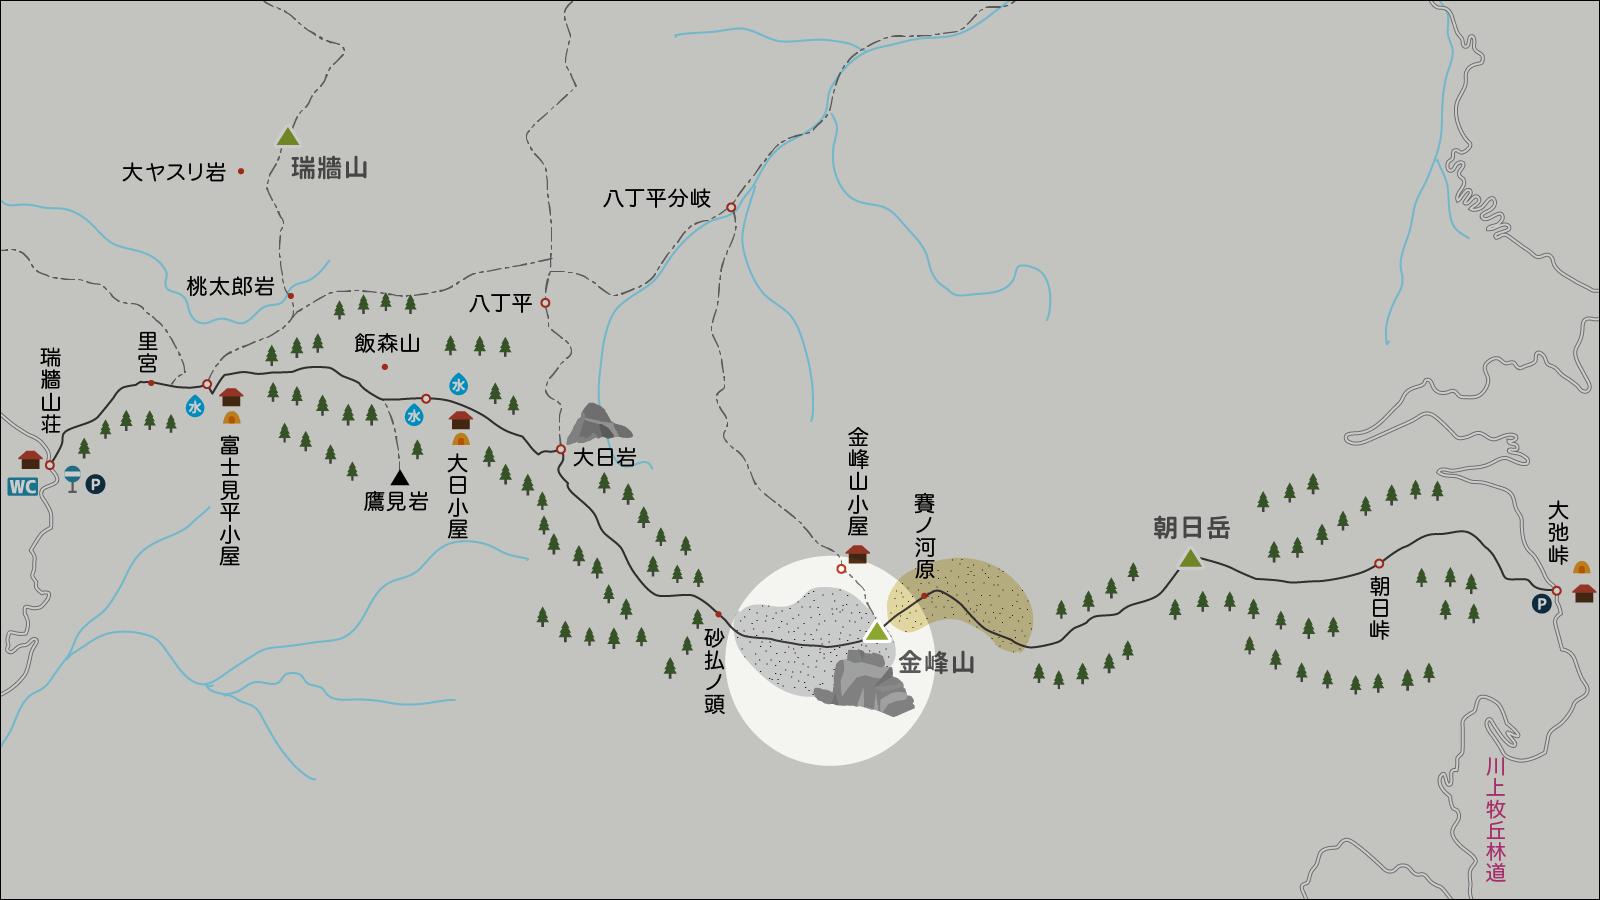 金峰山のイラストマップ